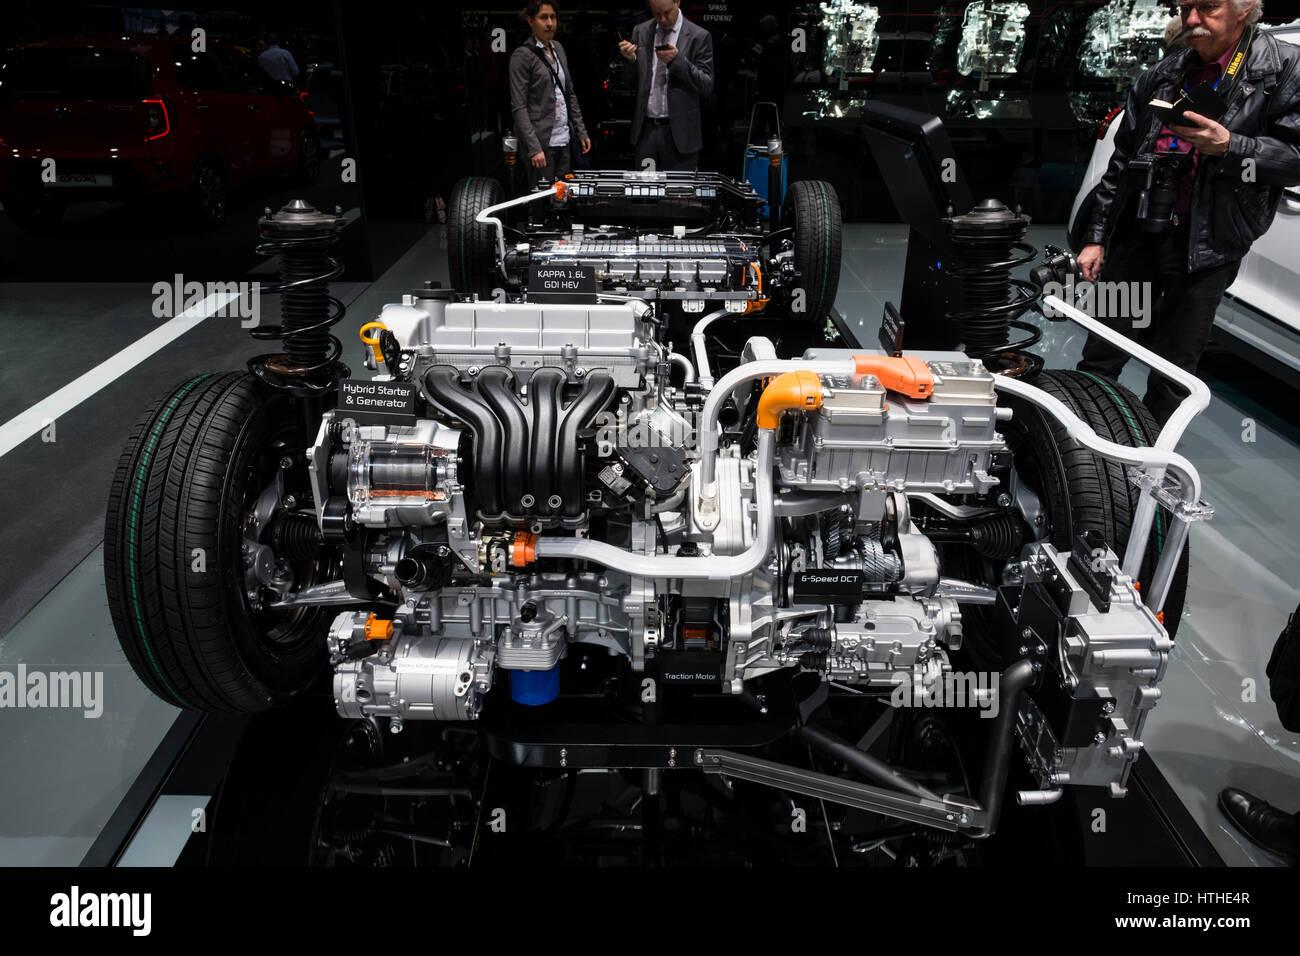 Kia Niro Plug In >> Kia Niro plug-in hybrid powertrain display at 87th Geneva Stock Photo: 135608615 - Alamy